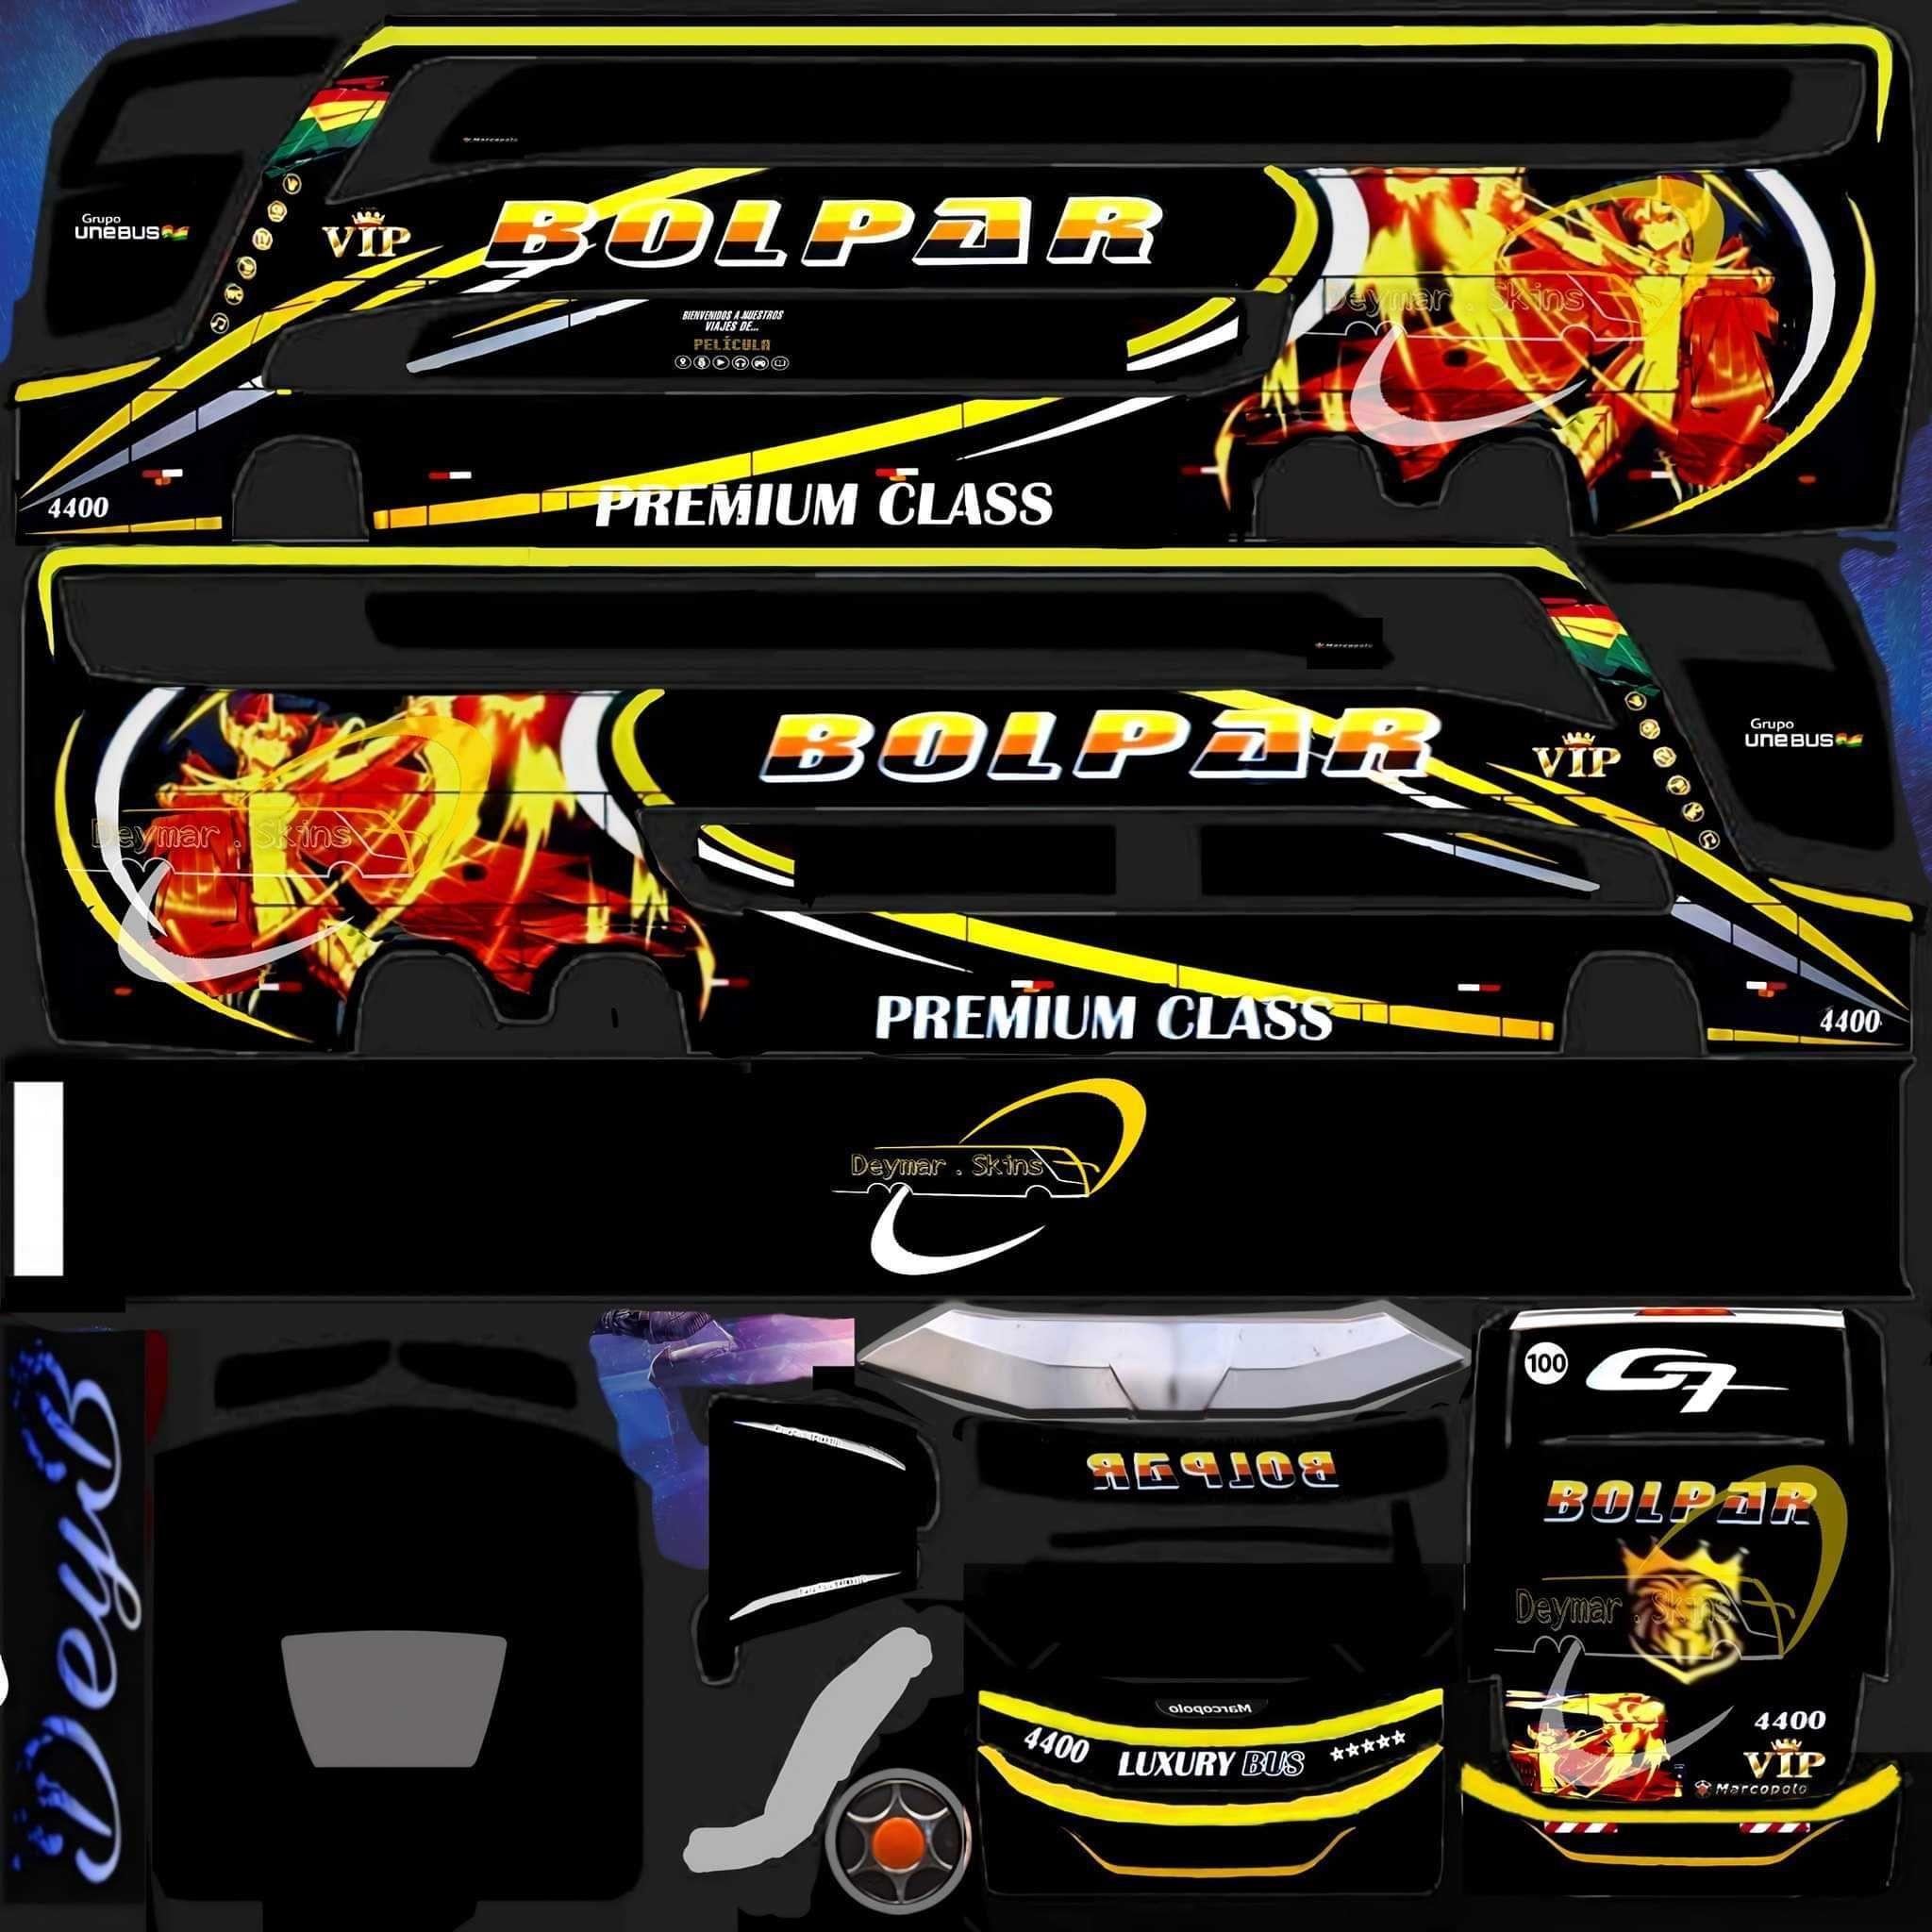 Pin Oleh Alvaro Gutierrez Di Mis Pines Guardados Konsep Mobil Stiker Mobil Truk Besar